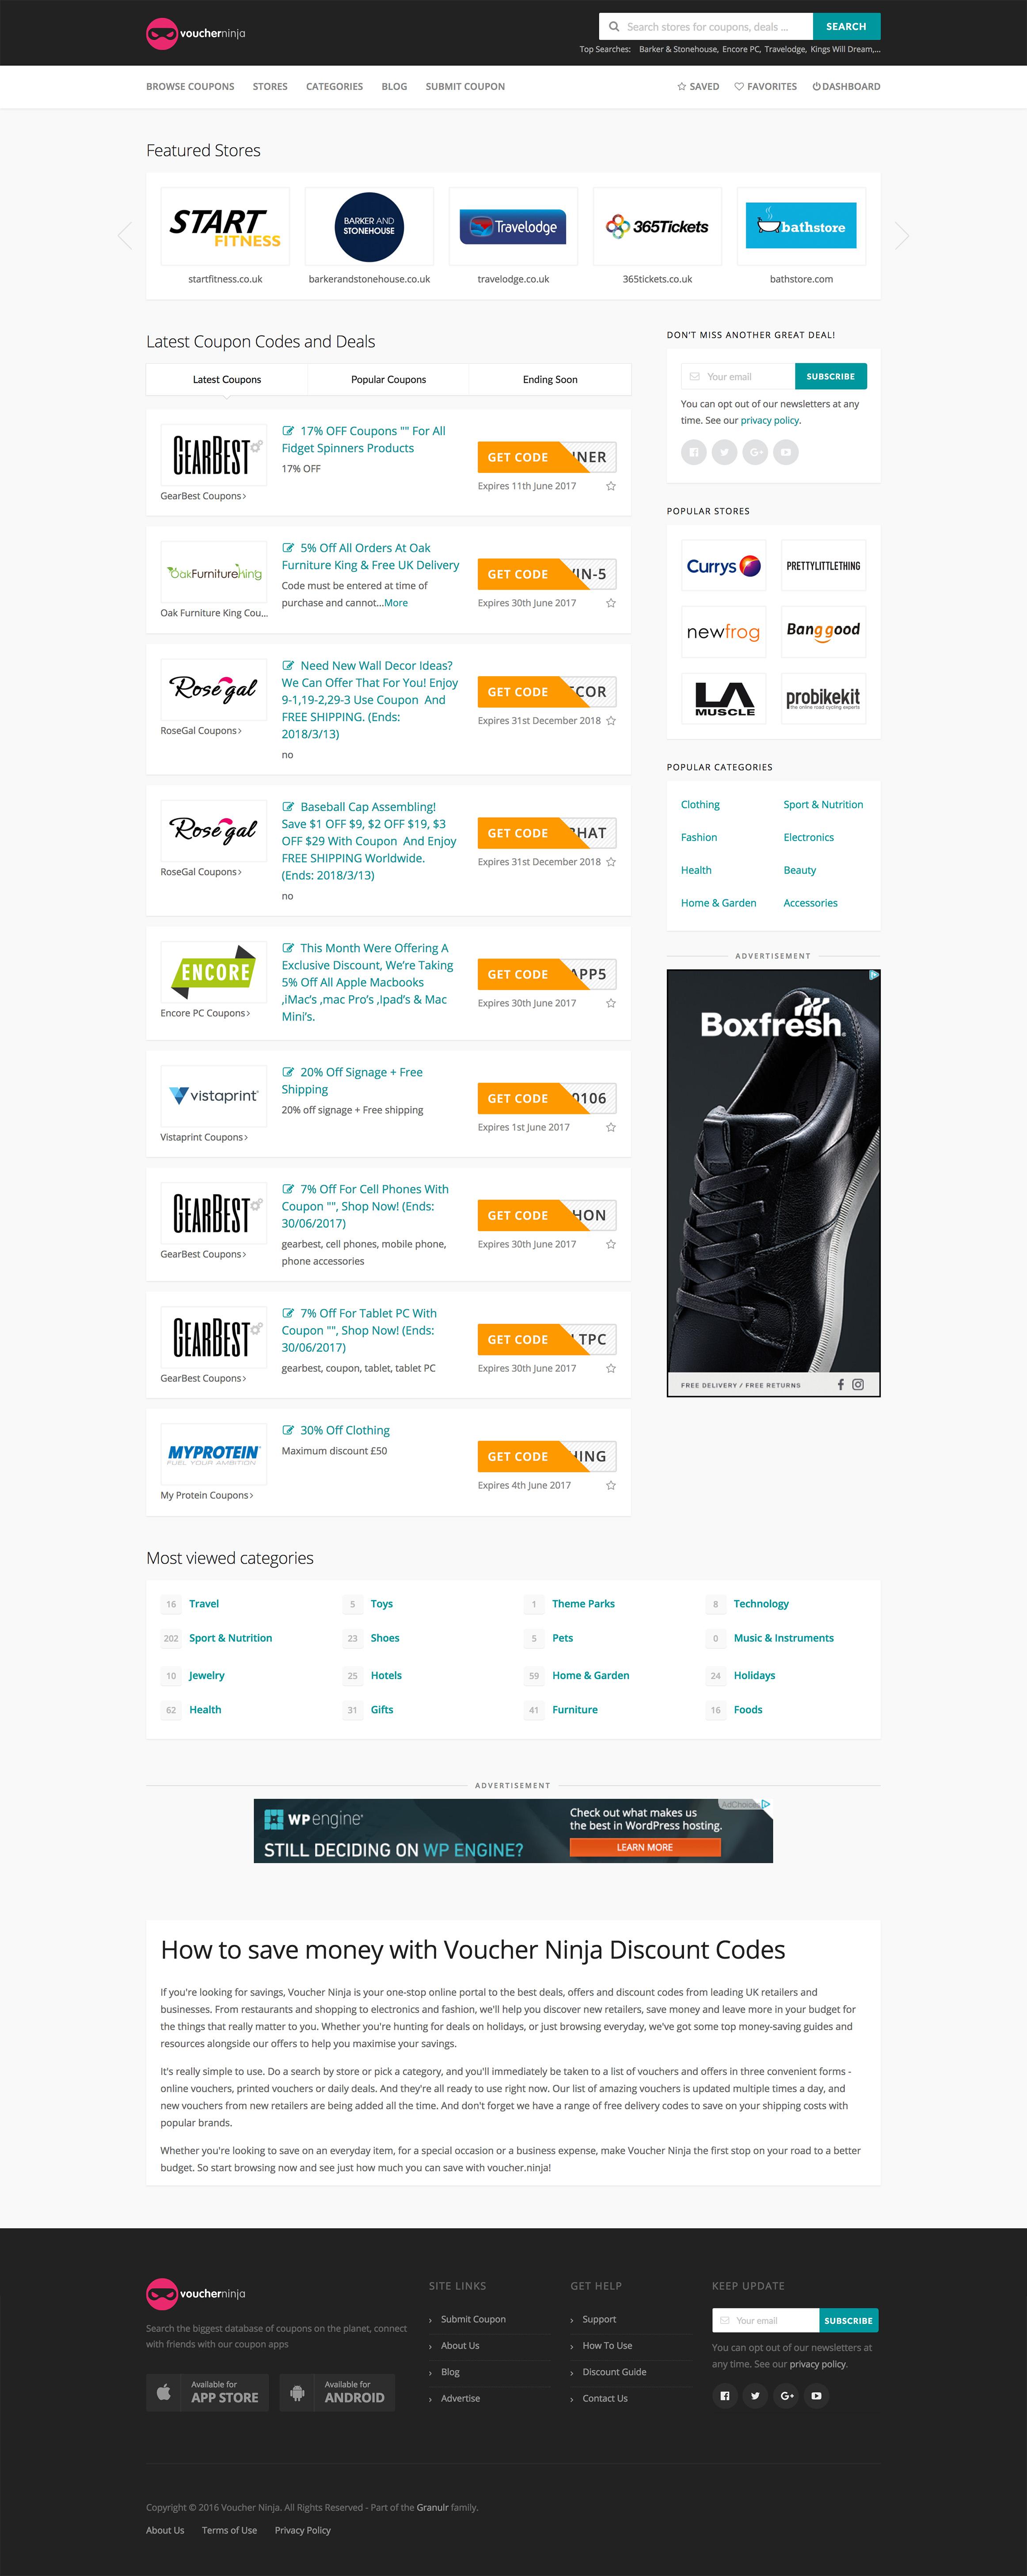 Voucher Ninja Discount Code Website Project